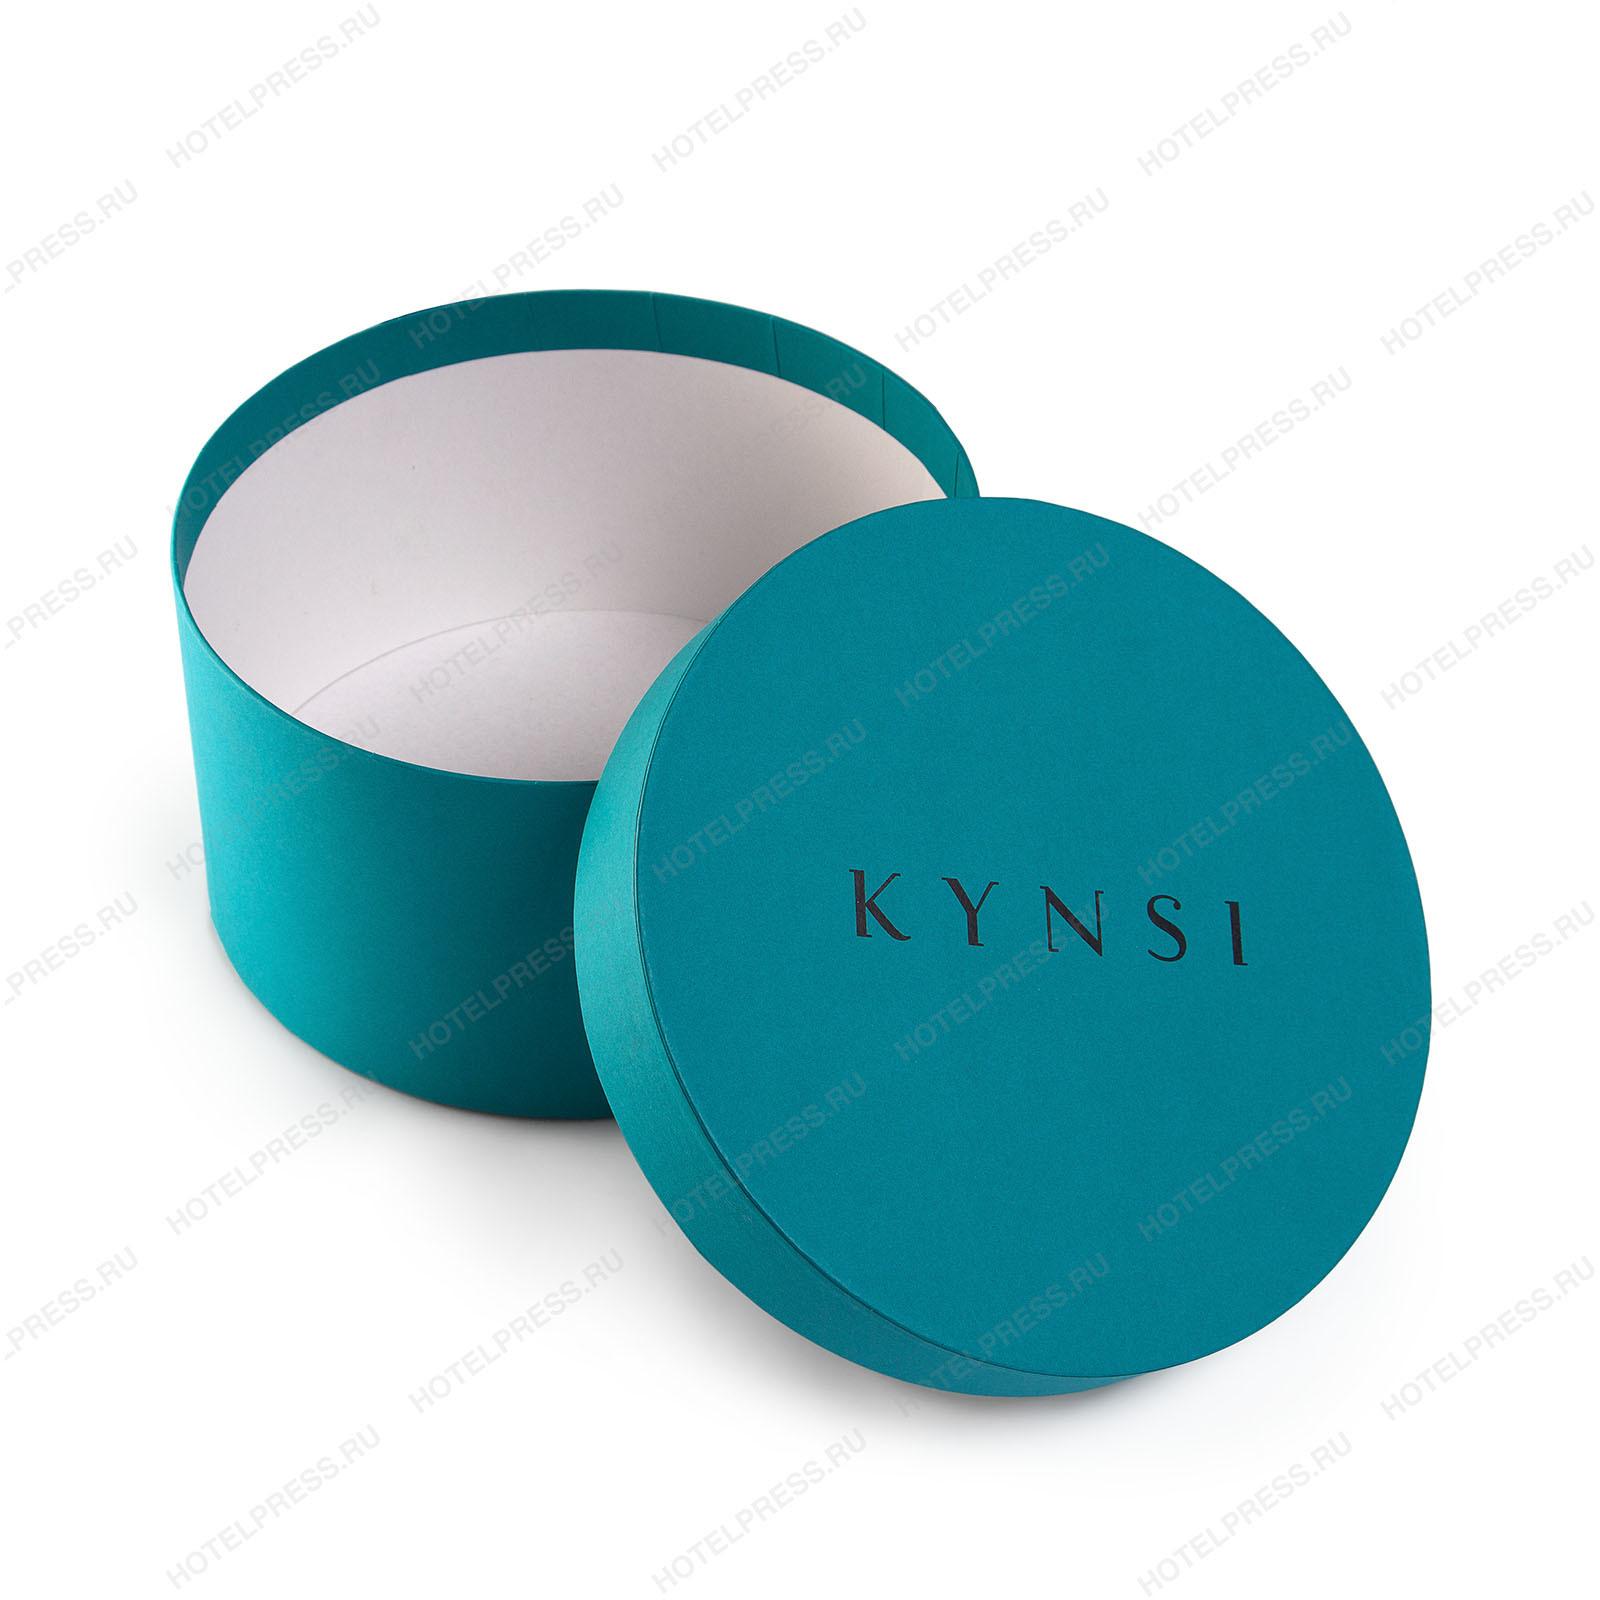 Круглая премиальная коробка из дизайнерской бумаги для подарочного набора салона красоты